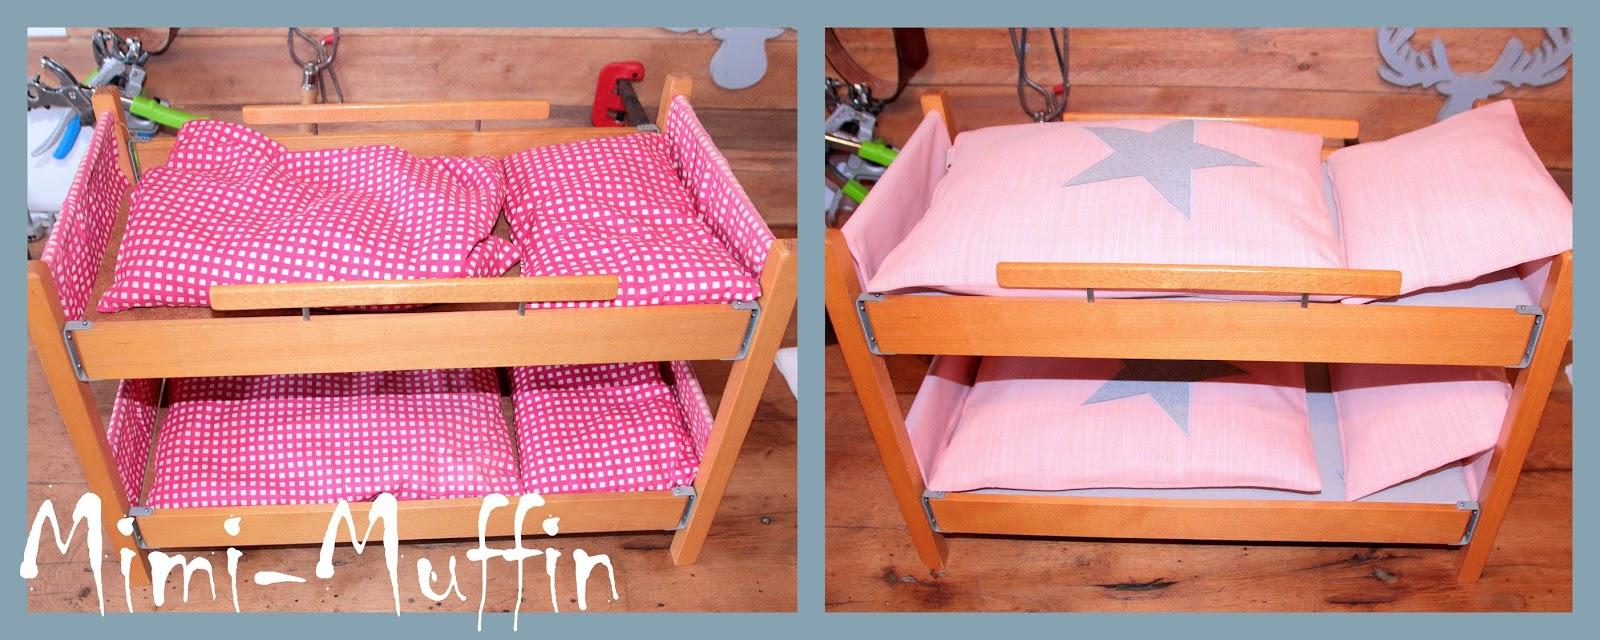 mimi muffin altes puppenbett neu aufgepimpt. Black Bedroom Furniture Sets. Home Design Ideas